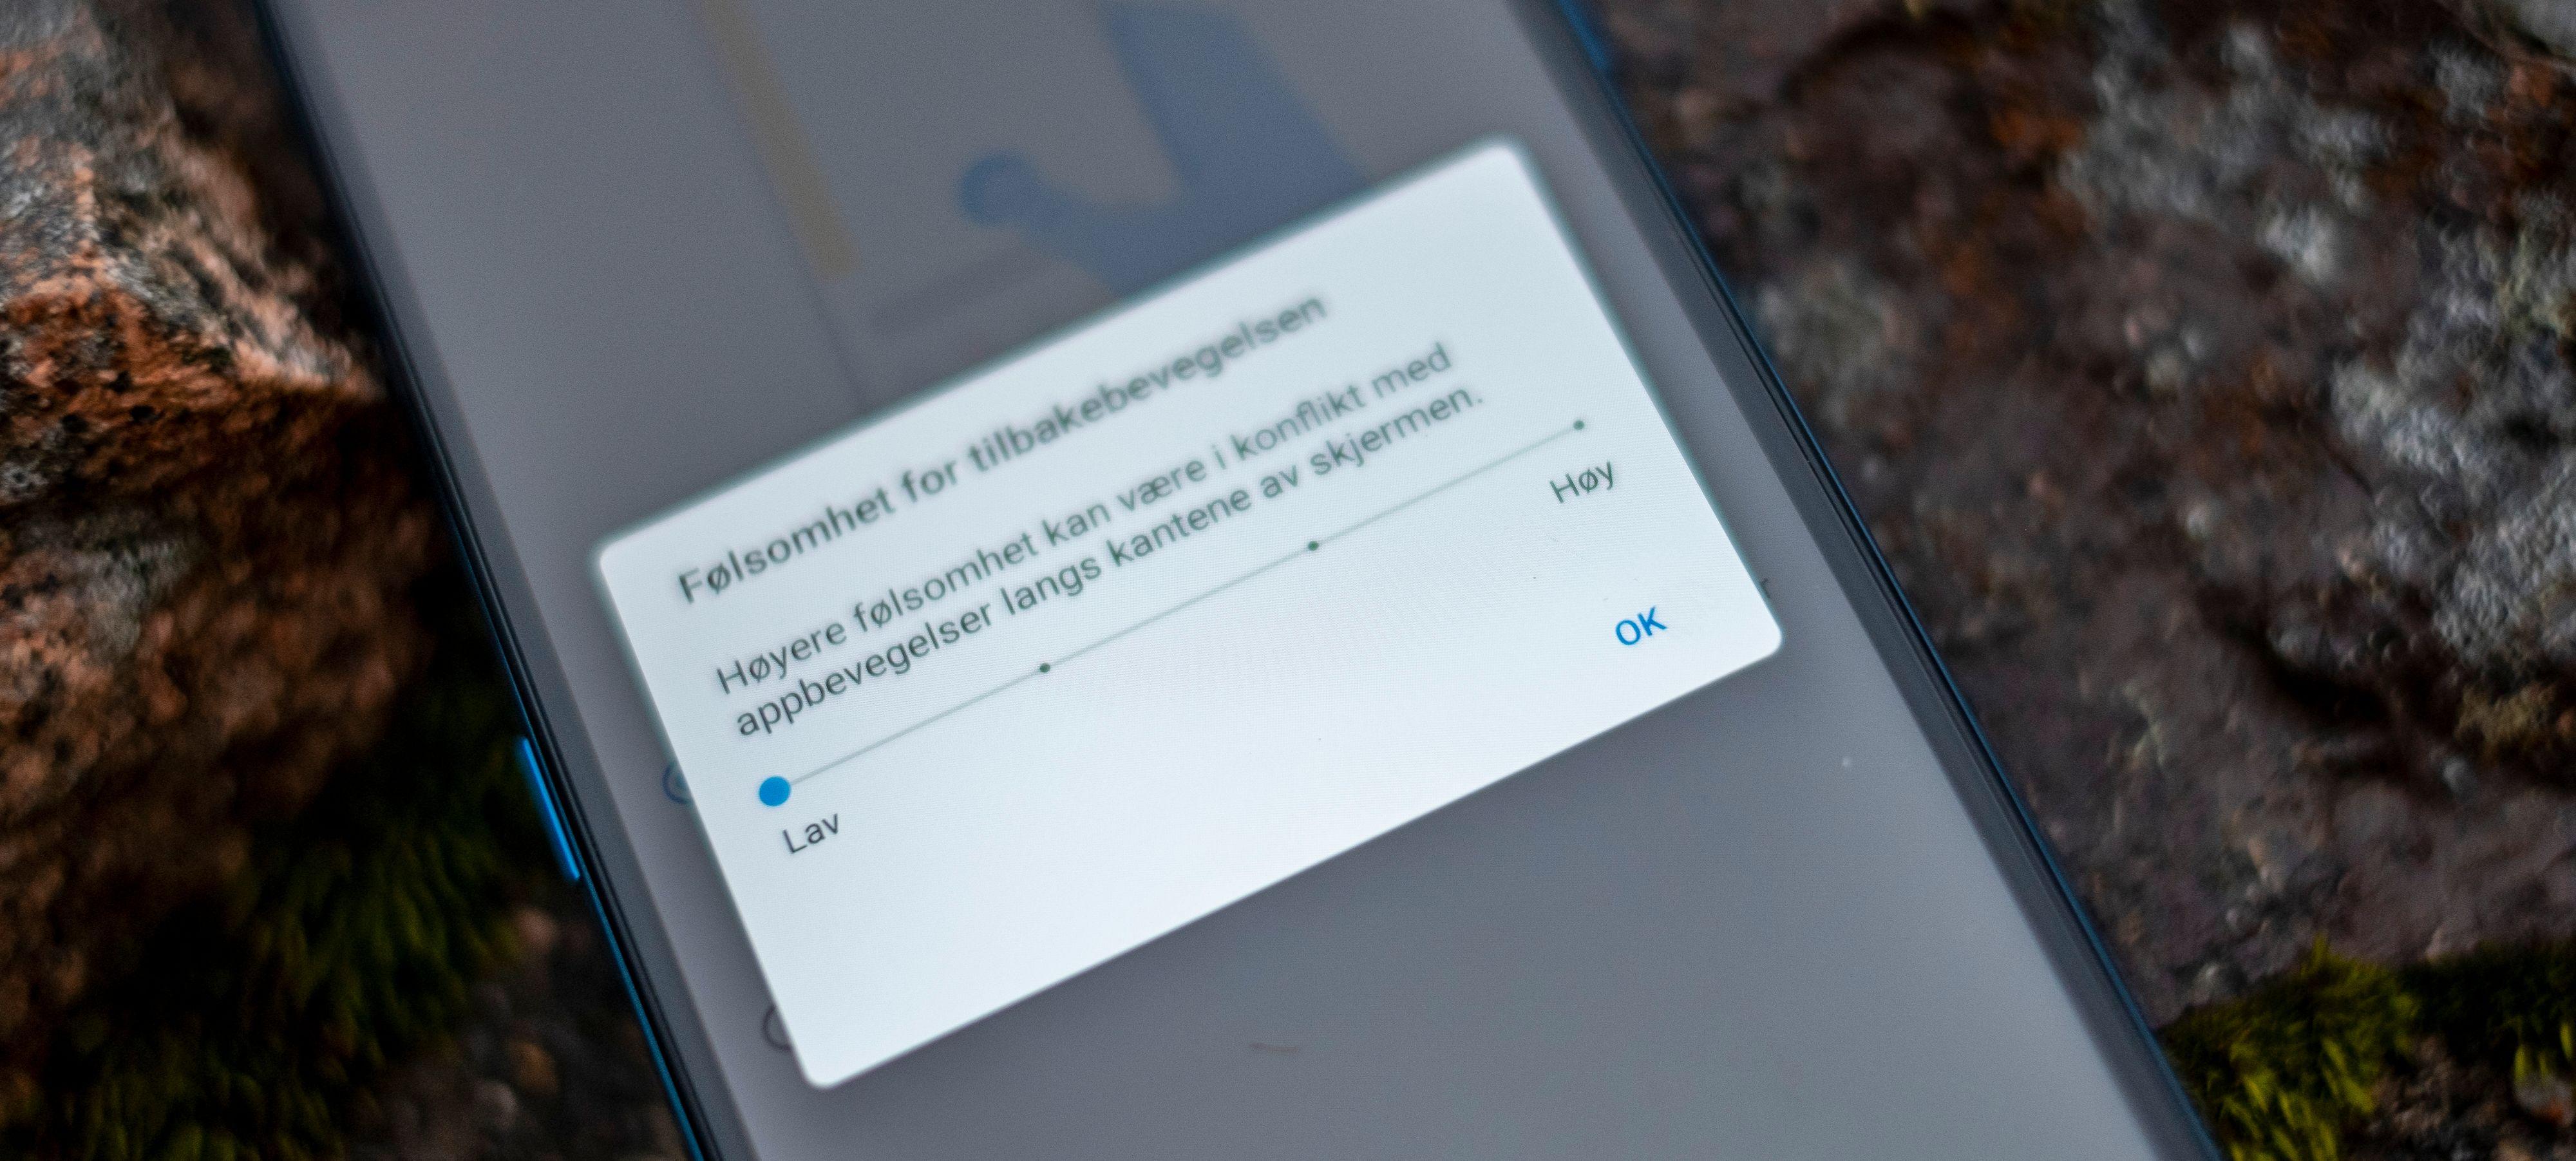 Du kan stille ned følsomheten langs skjermkantene, men bare for sveip innover på skjermen.